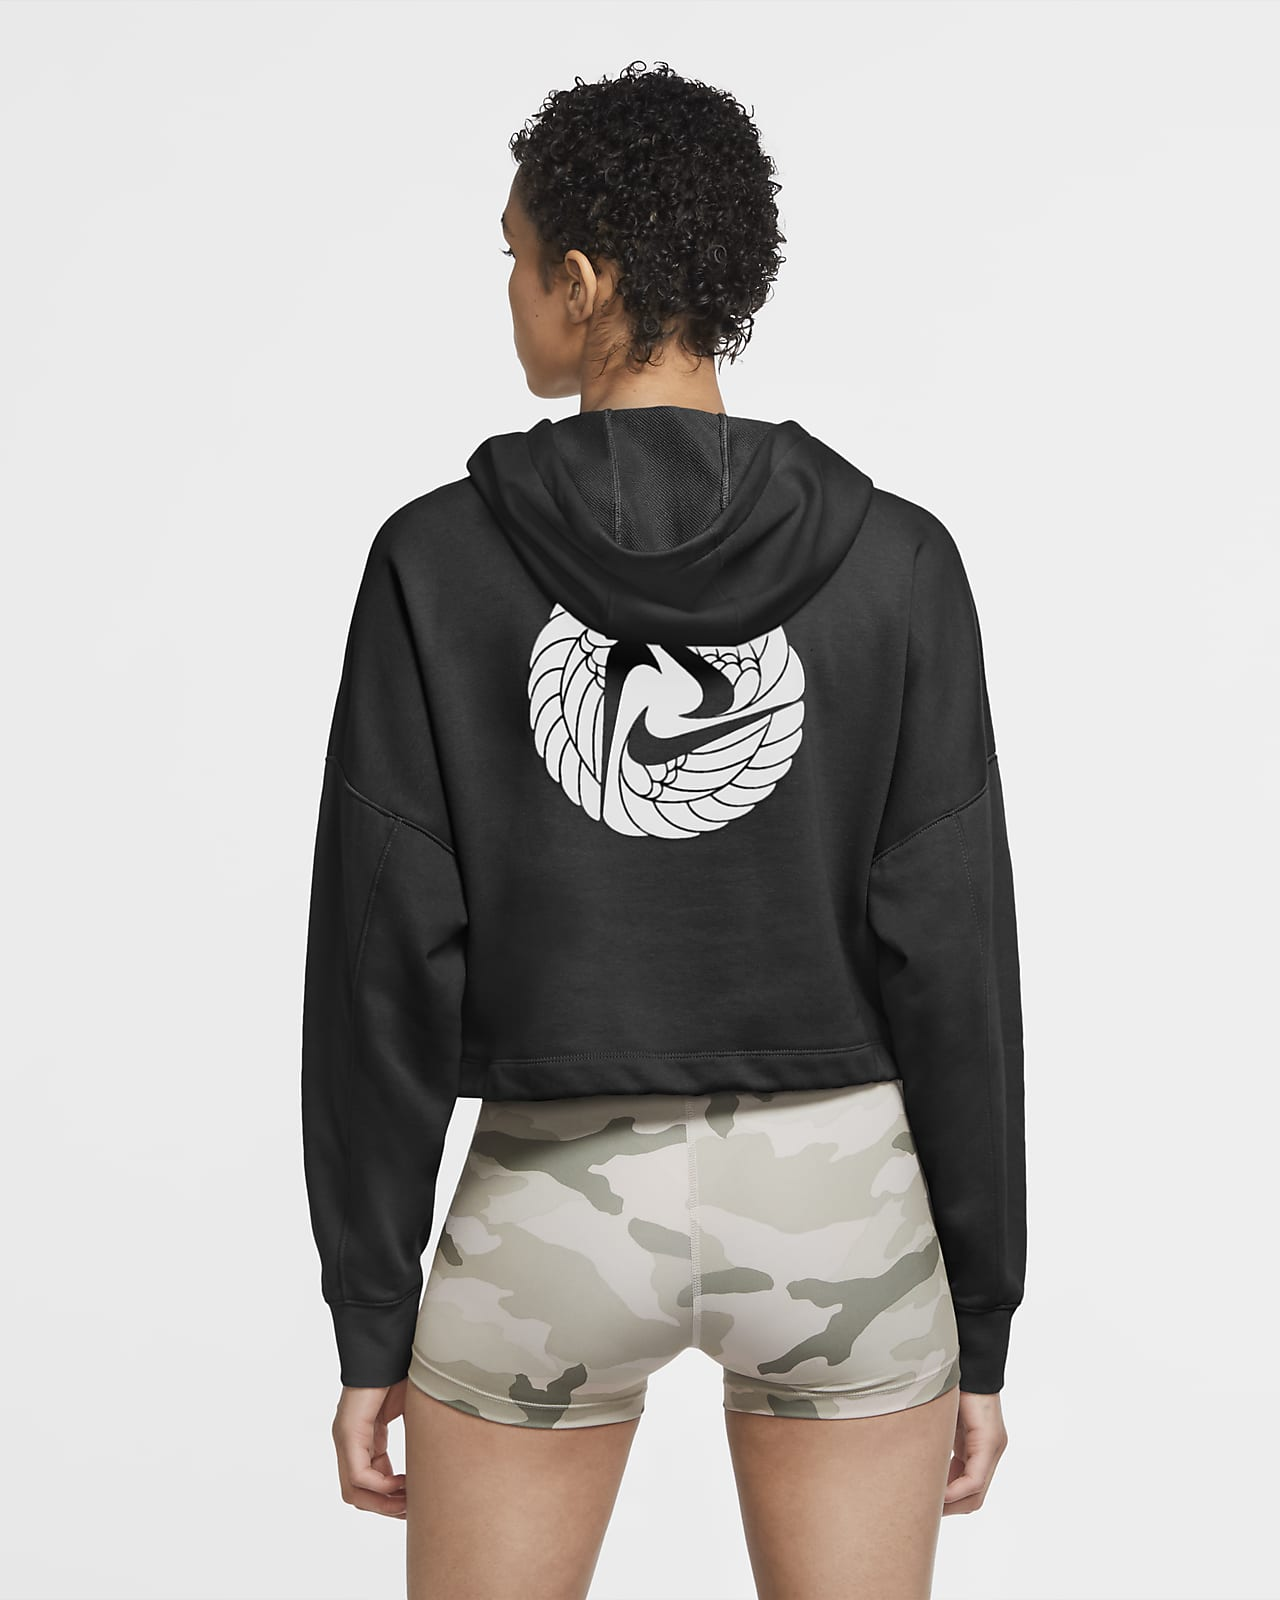 Dámská zkrácená tréninková mikina s kapucí Nike Dri-FIT Icon Clash